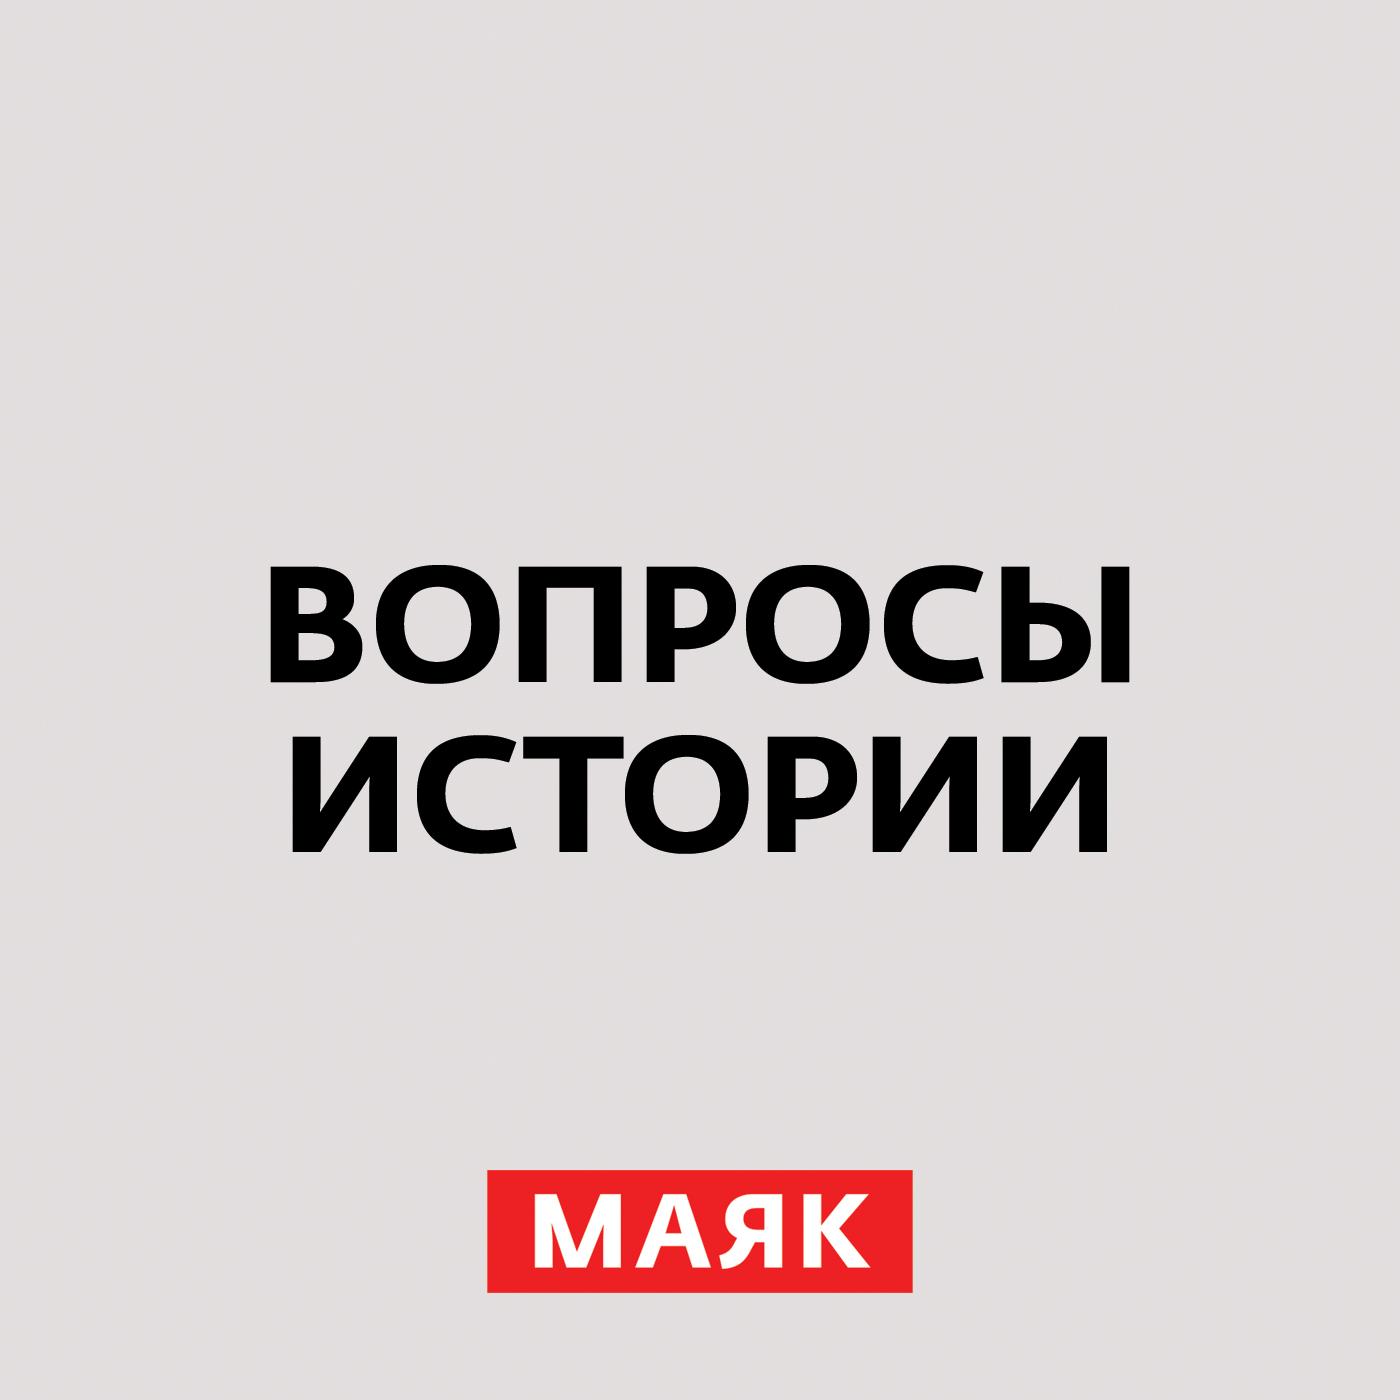 Андрей Светенко Весна 1917-го: жизнь, быт и атмосфера андрей светенко события 1917 года возможности армии и тыла